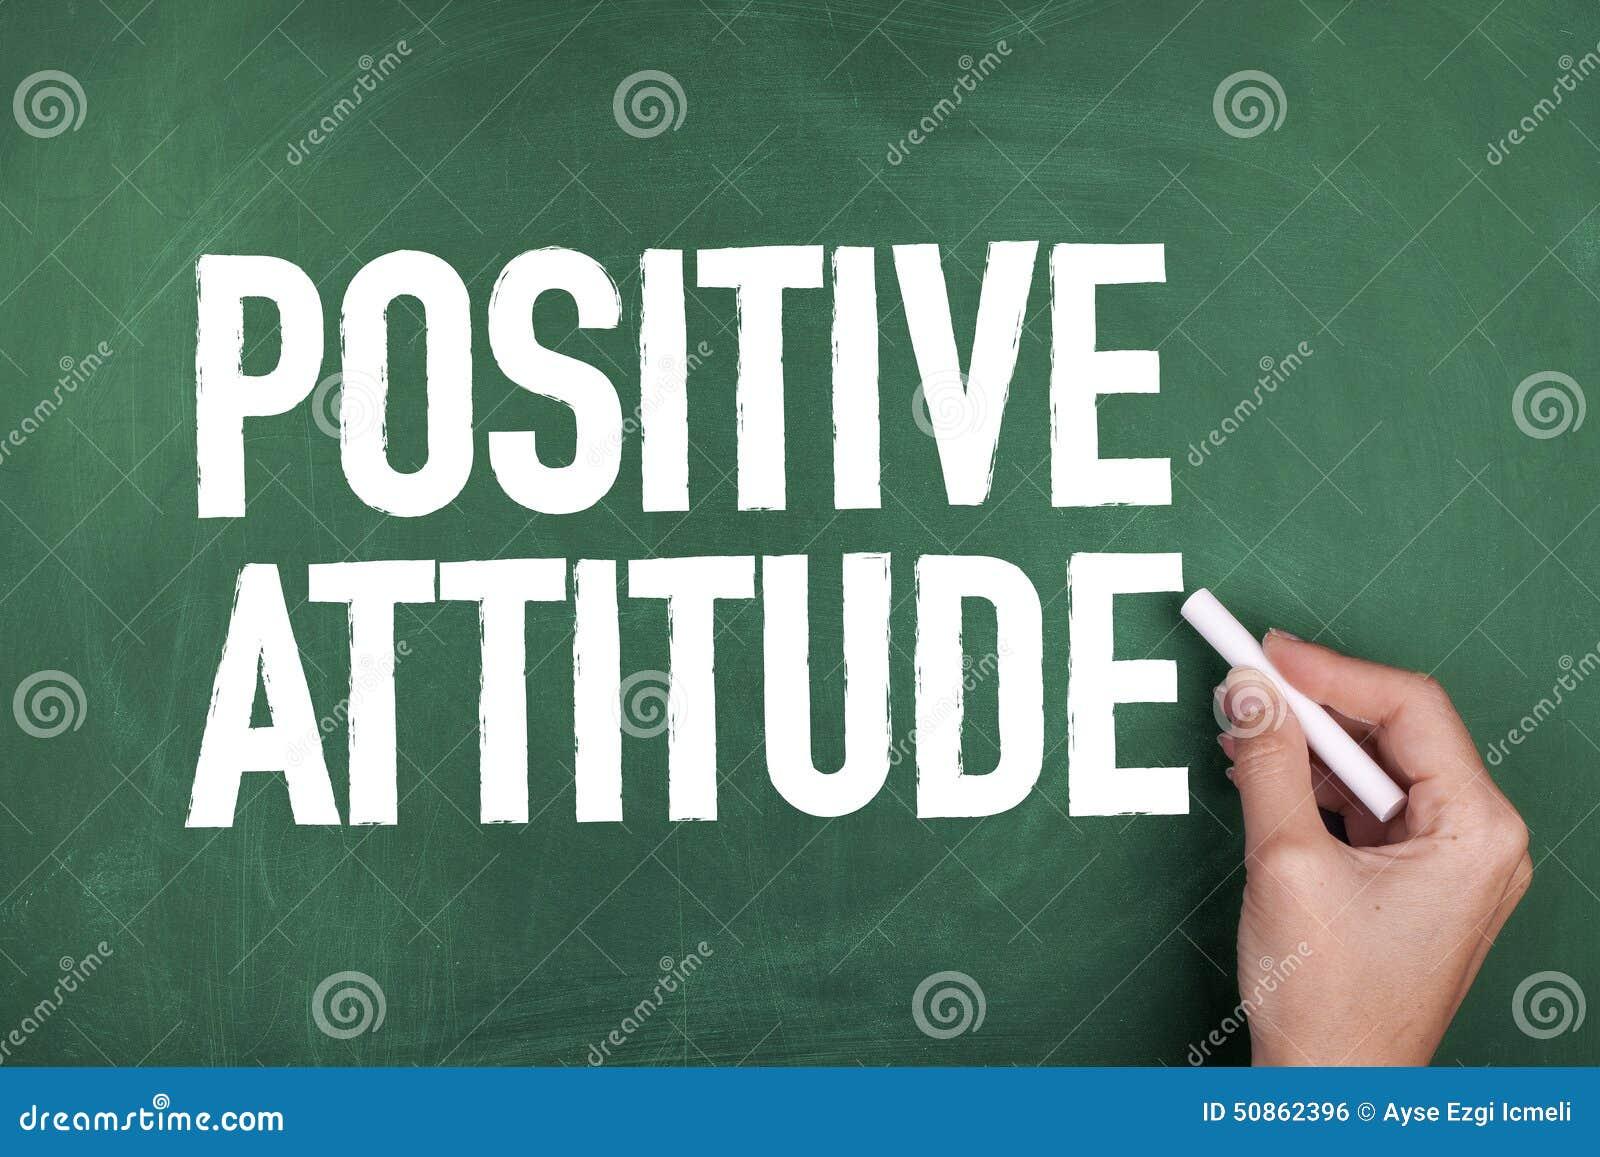 13 Positive Thinking Photo Essays